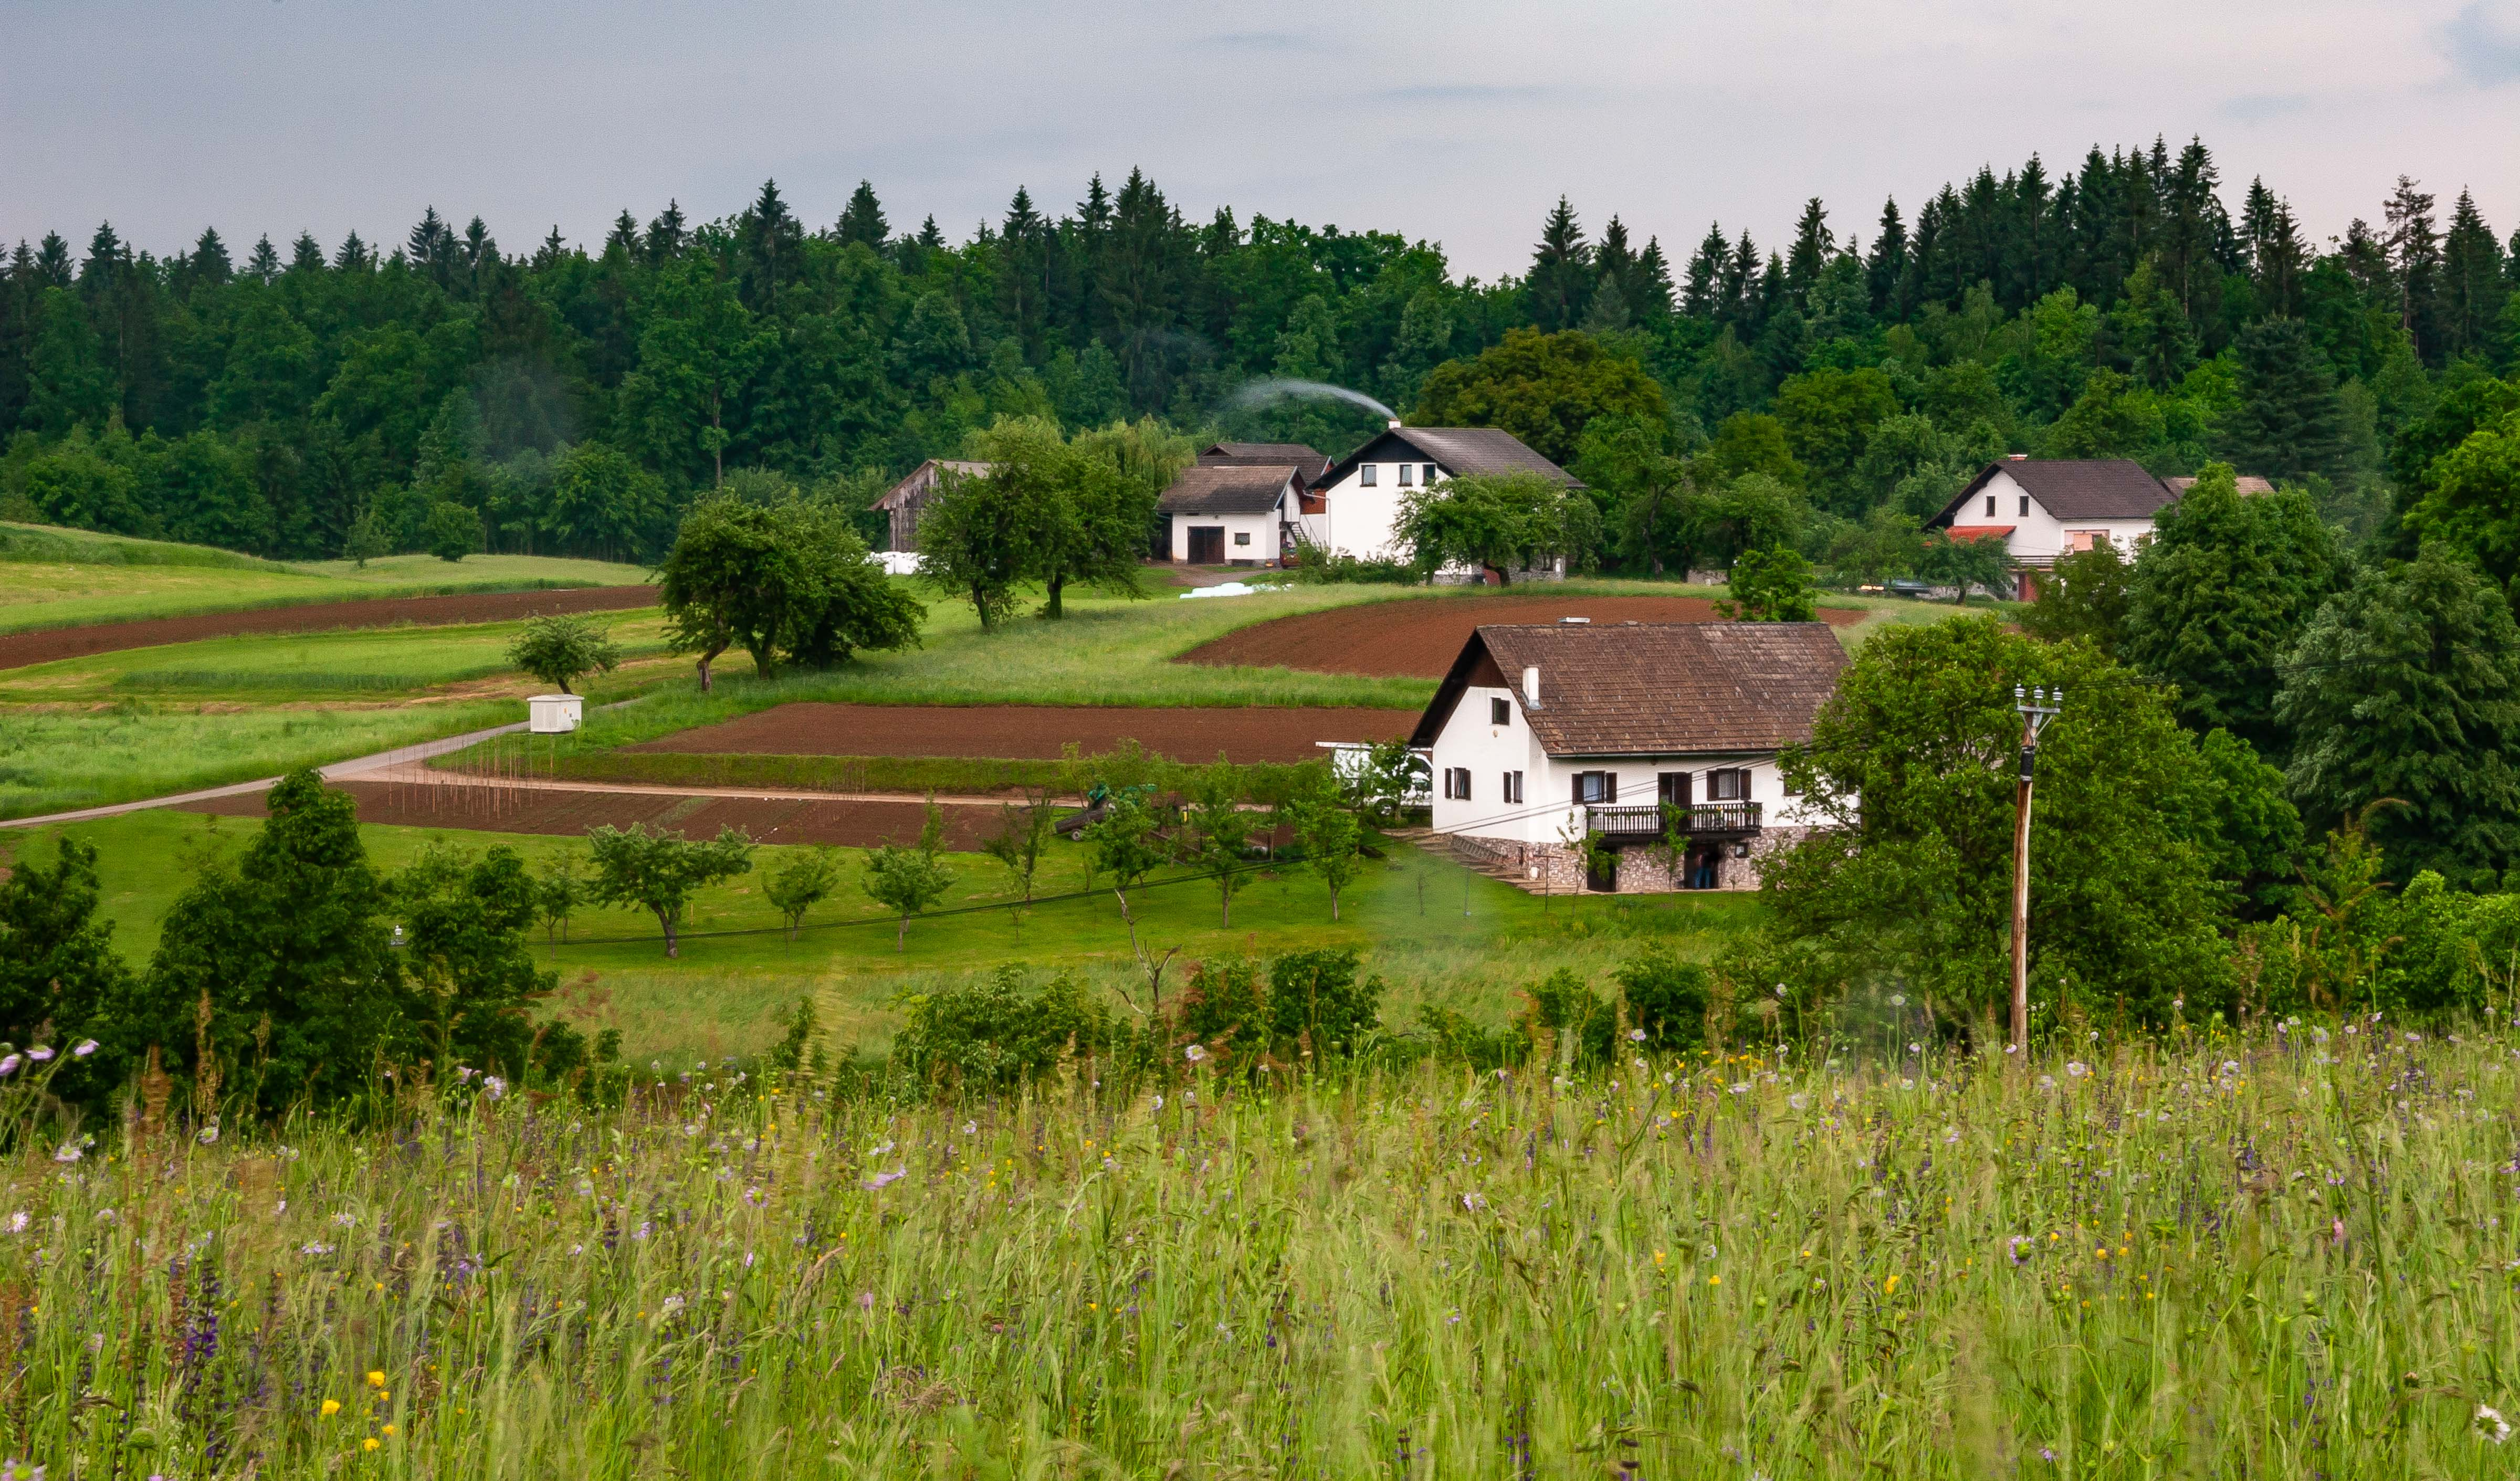 Slovenia, Metlika Prov, Village, 2006, IMG 7364